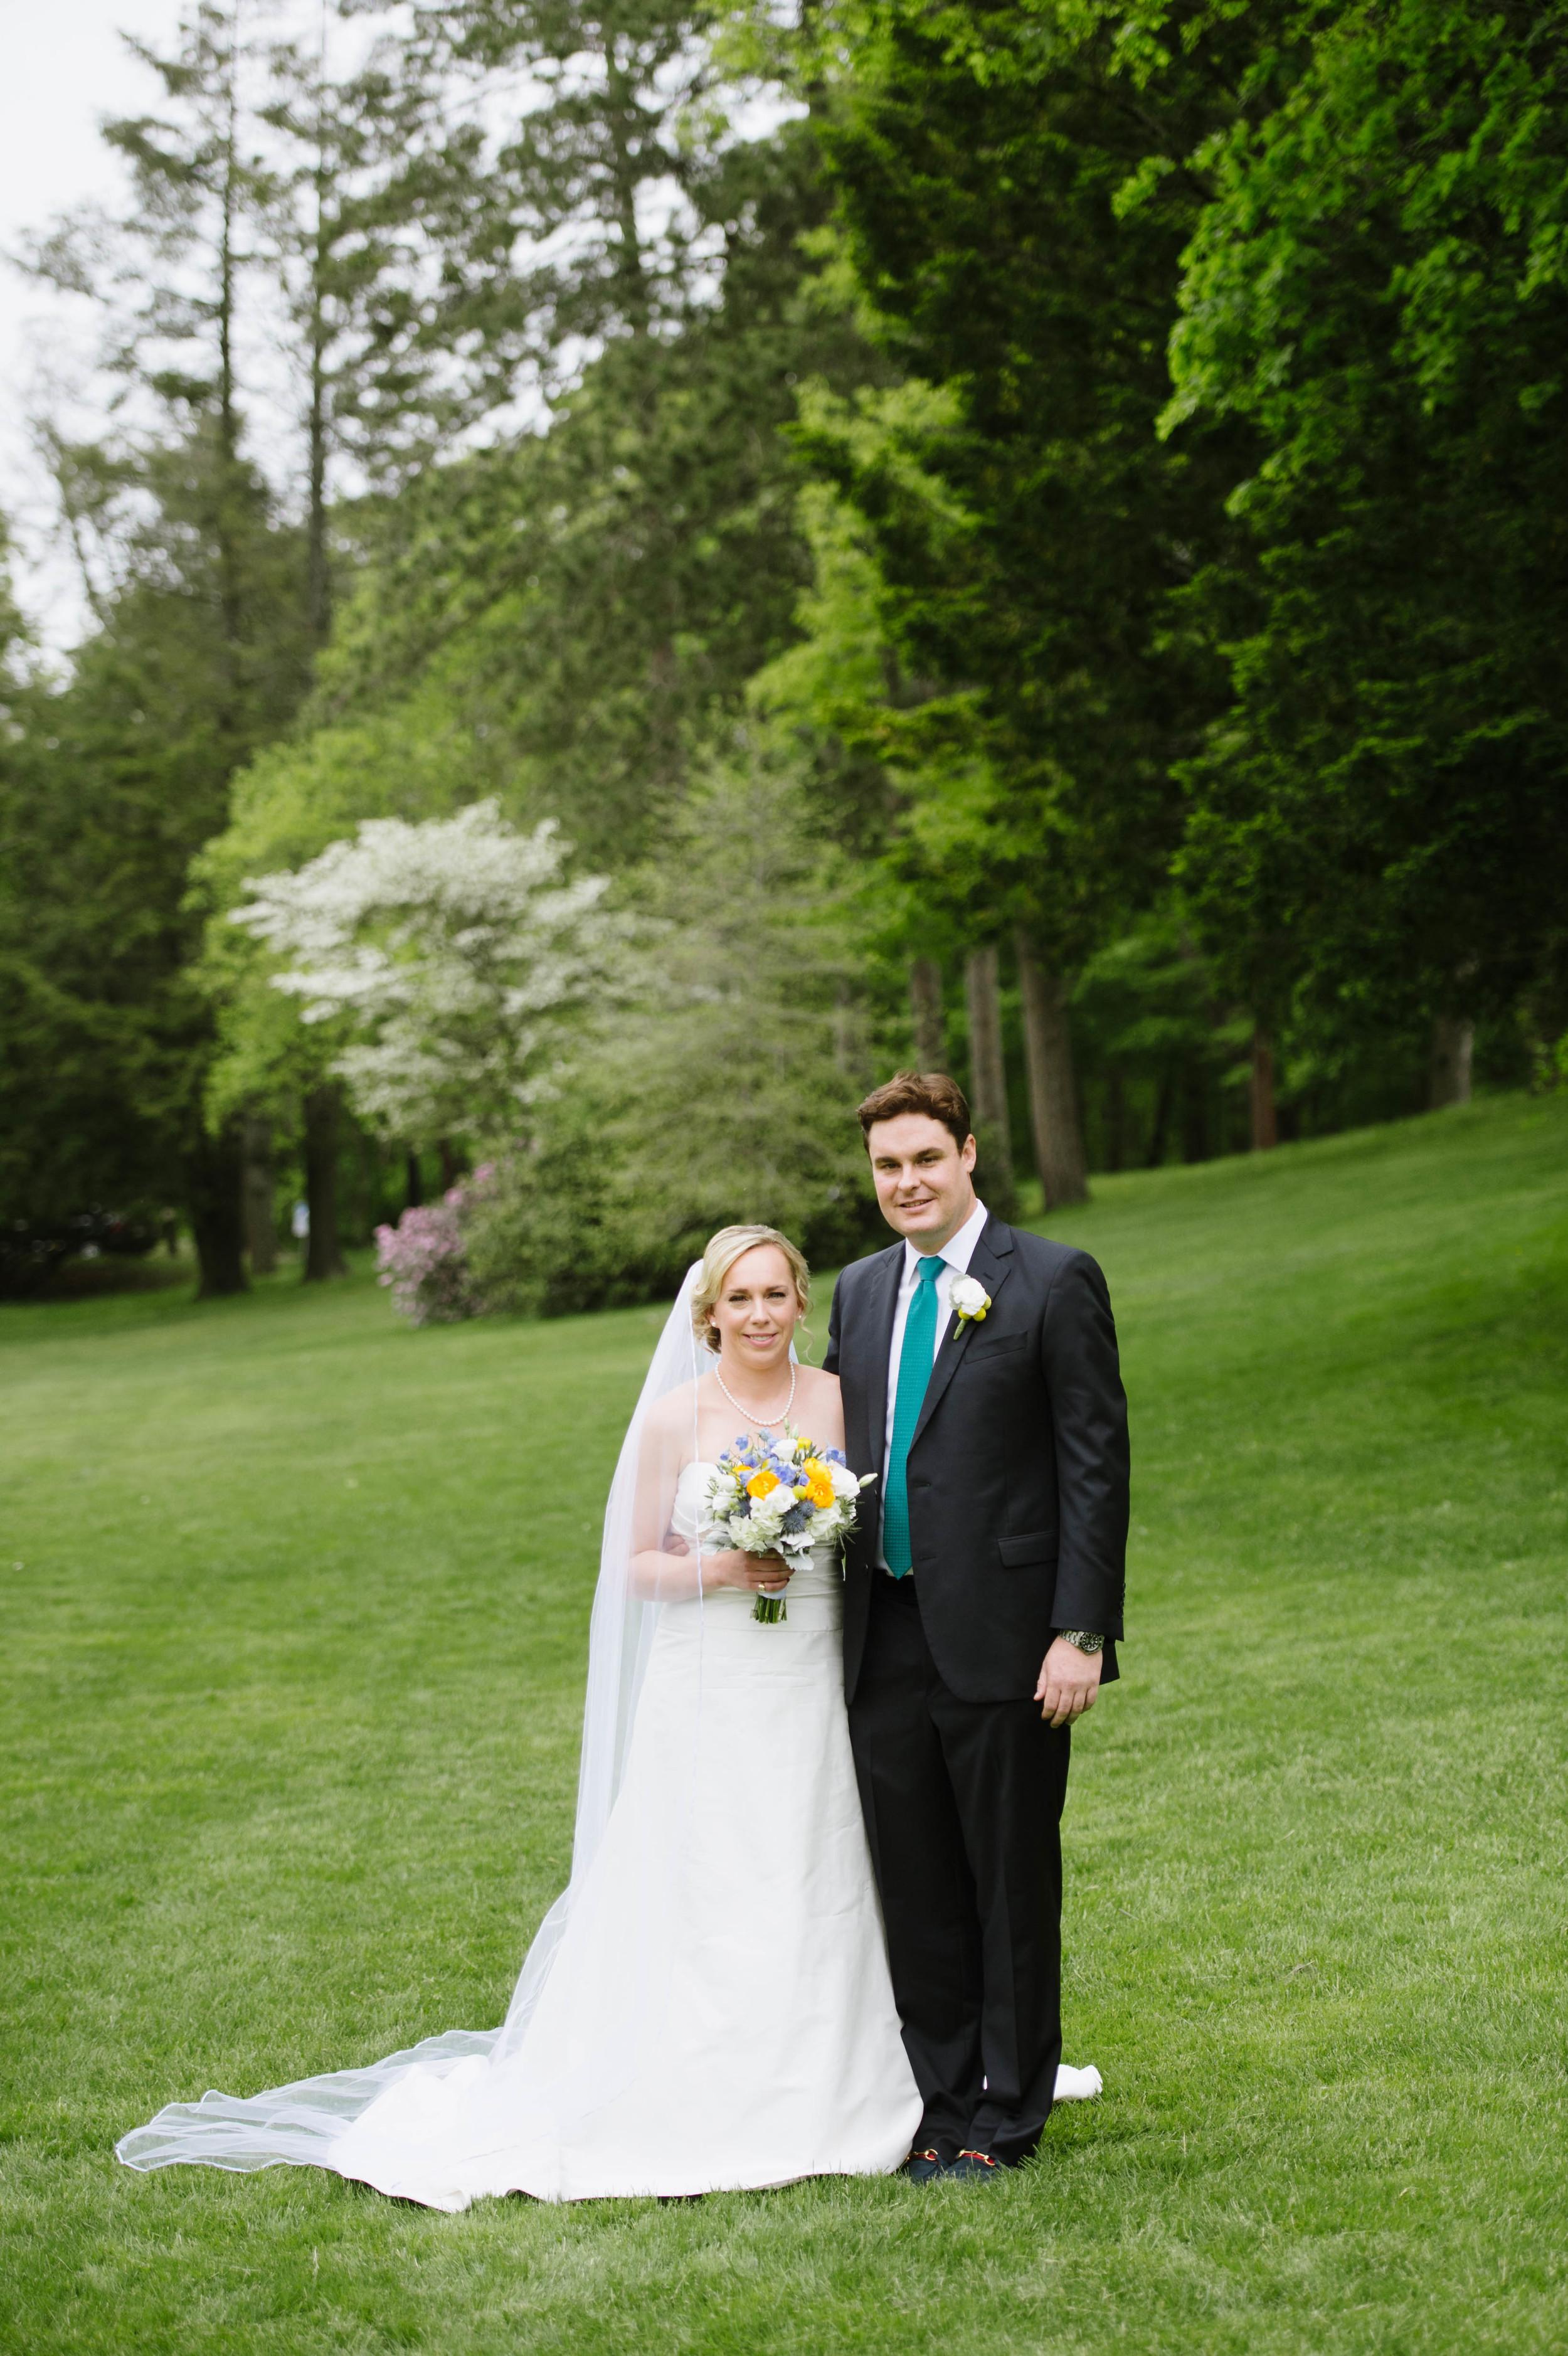 Cambridge_BoatHouse_Wedding011.jpg